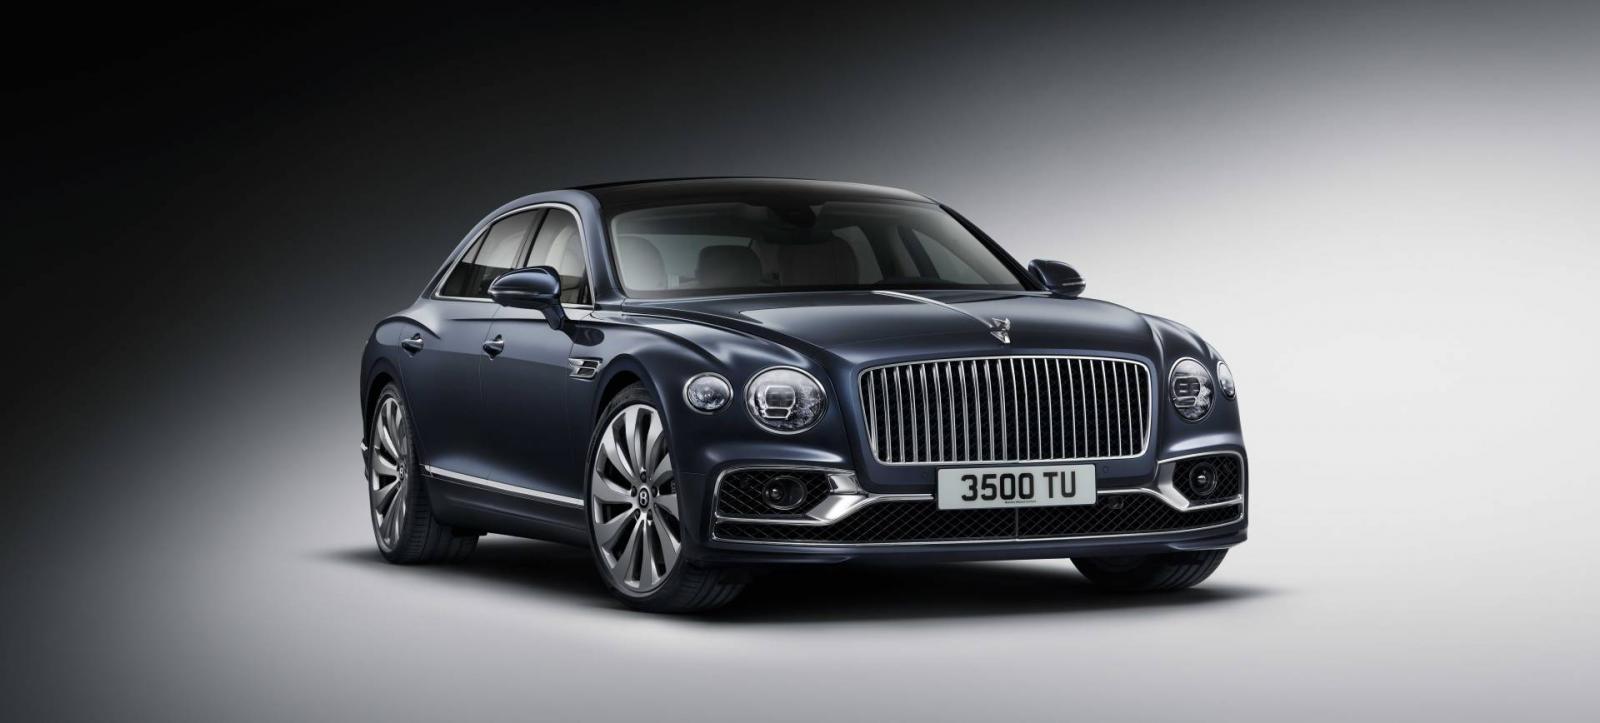 Cận cảnh thiết kế đầu xe của Bentley Flying Spur 2020